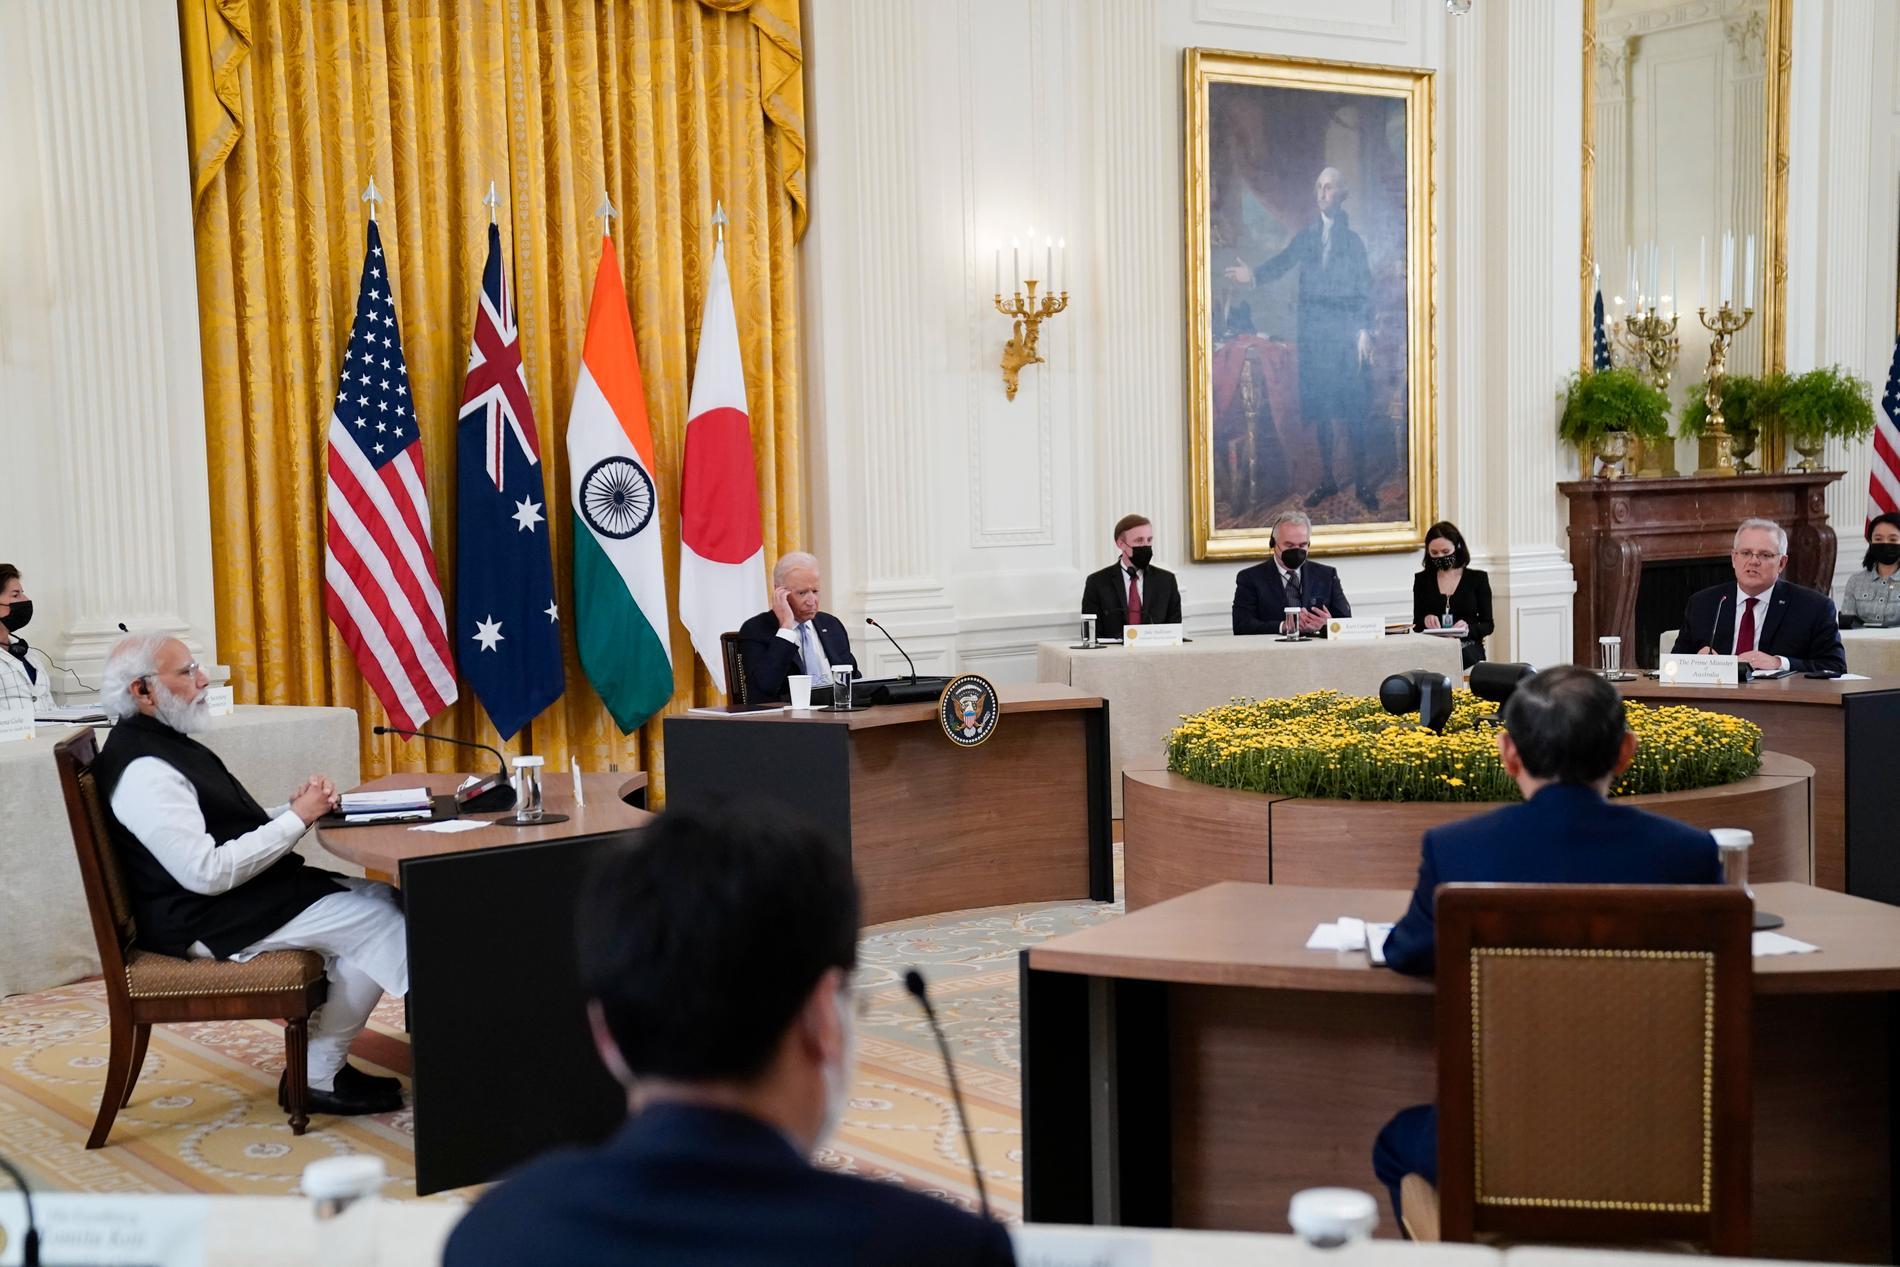 USA:s president Joe Biden (i mitten) tar emot Indiens premiärminister Narendra Modi (till vänster), Australiens premiärminister Scott Morrison (till höger) och Japans premiärminister Yoshihide Suga (till höger med ryggen mot kameran), i Vita huset.